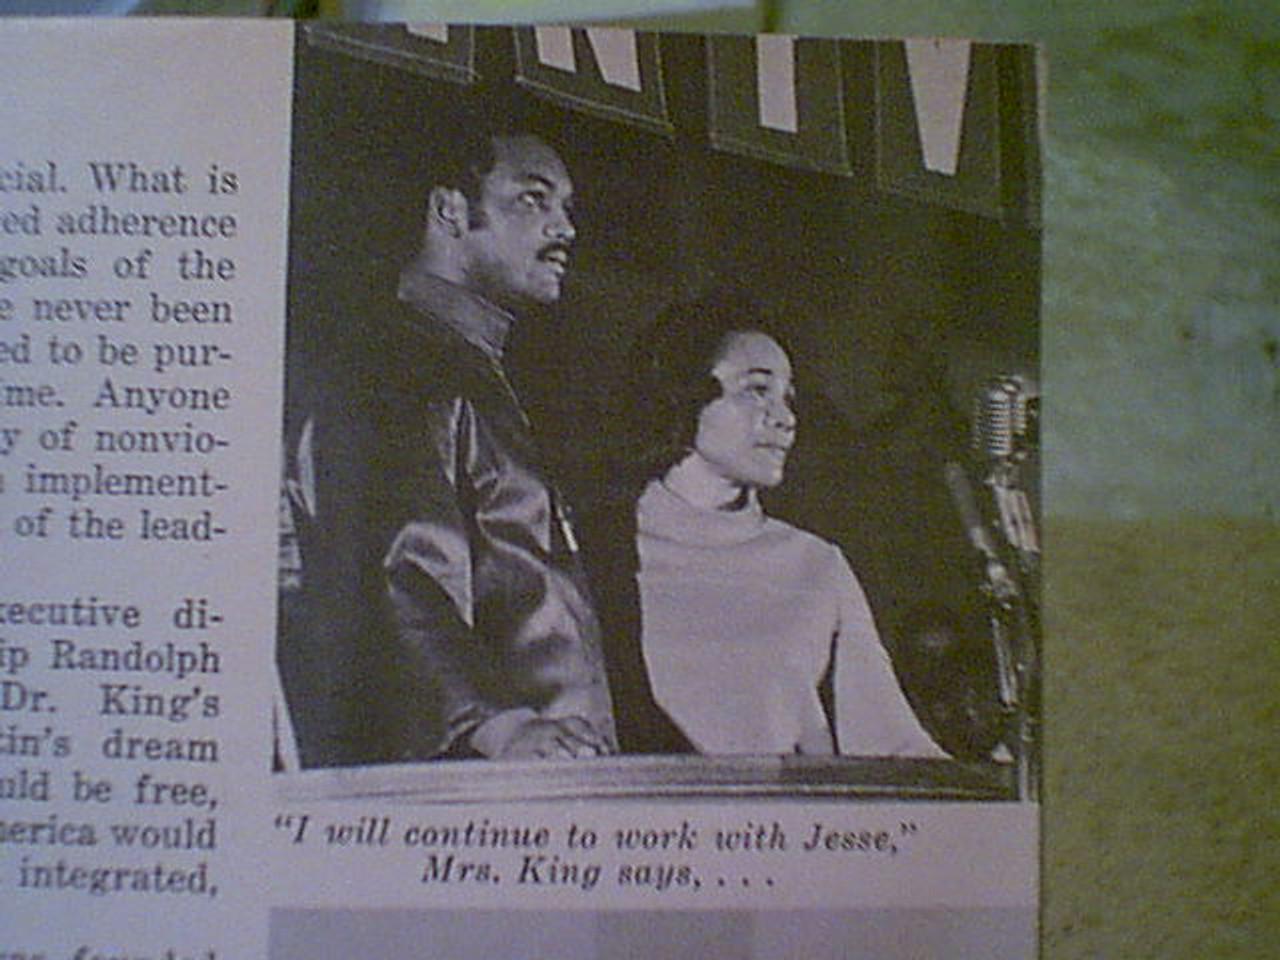 Jackson, Jesse Jet Magazine 1972 Signed Autograph Cover Color Photo